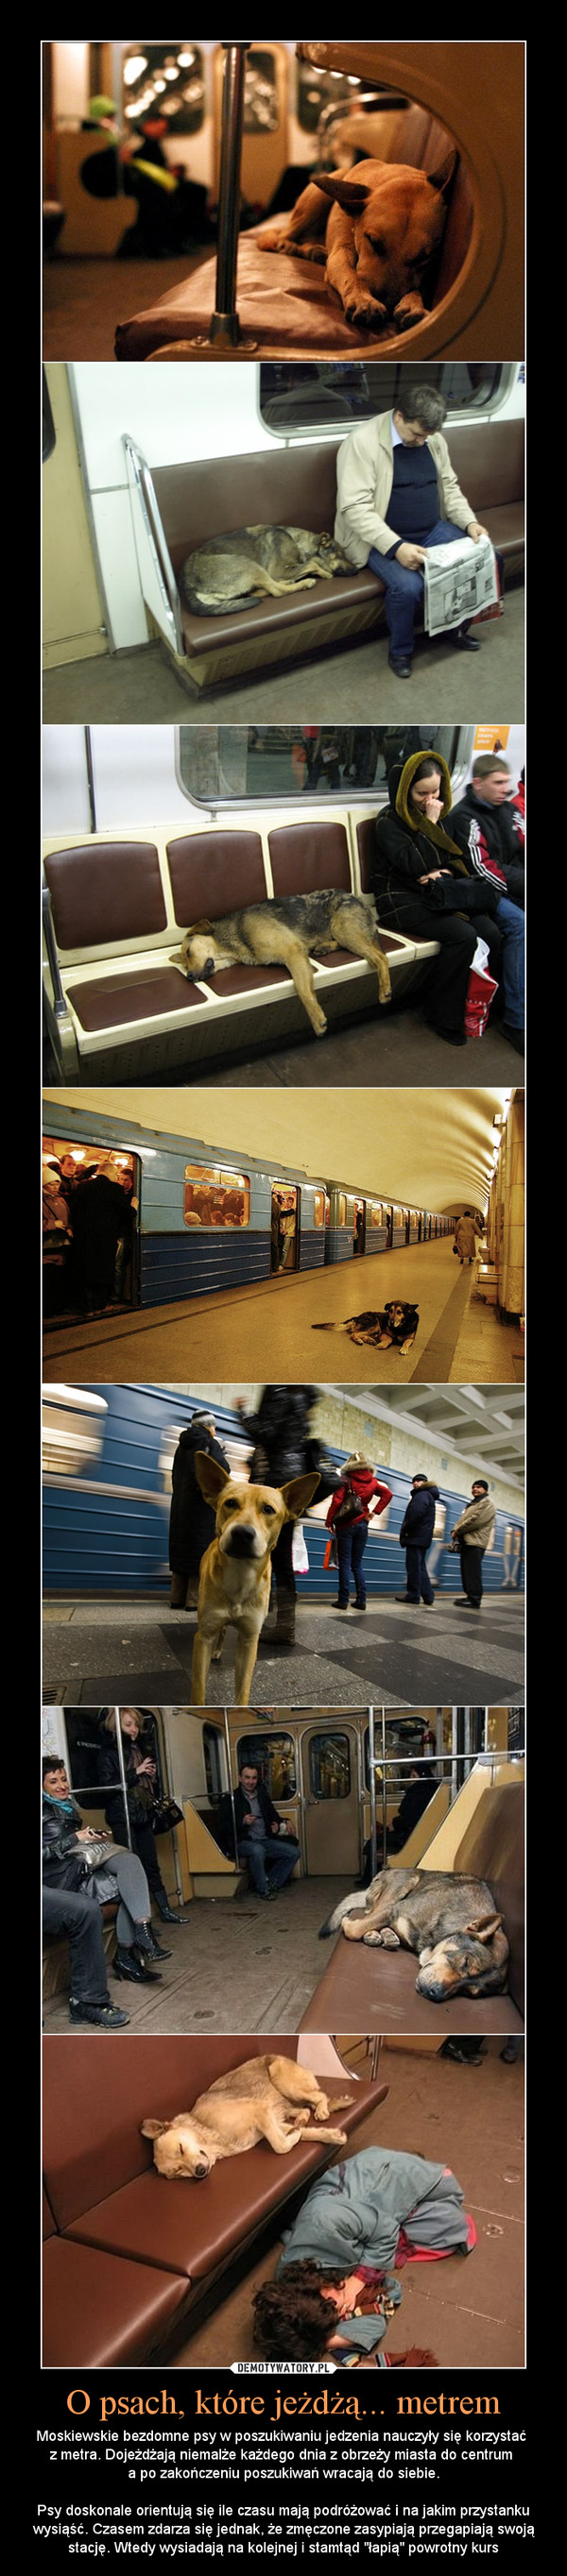 """O psach, które jeżdżą... metrem – Moskiewskie bezdomne psy w poszukiwaniu jedzenia nauczyły się korzystać z metra. Dojeżdżają niemalże każdego dnia z obrzeży miasta do centrum a po zakończeniu poszukiwań wracają do siebie.Psy doskonale orientują się ile czasu mają podróżować i na jakim przystanku wysiąść. Czasem zdarza się jednak, że zmęczone zasypiają przegapiają swoją stację. Wtedy wysiadają na kolejnej i stamtąd """"łapią"""" powrotny kurs"""